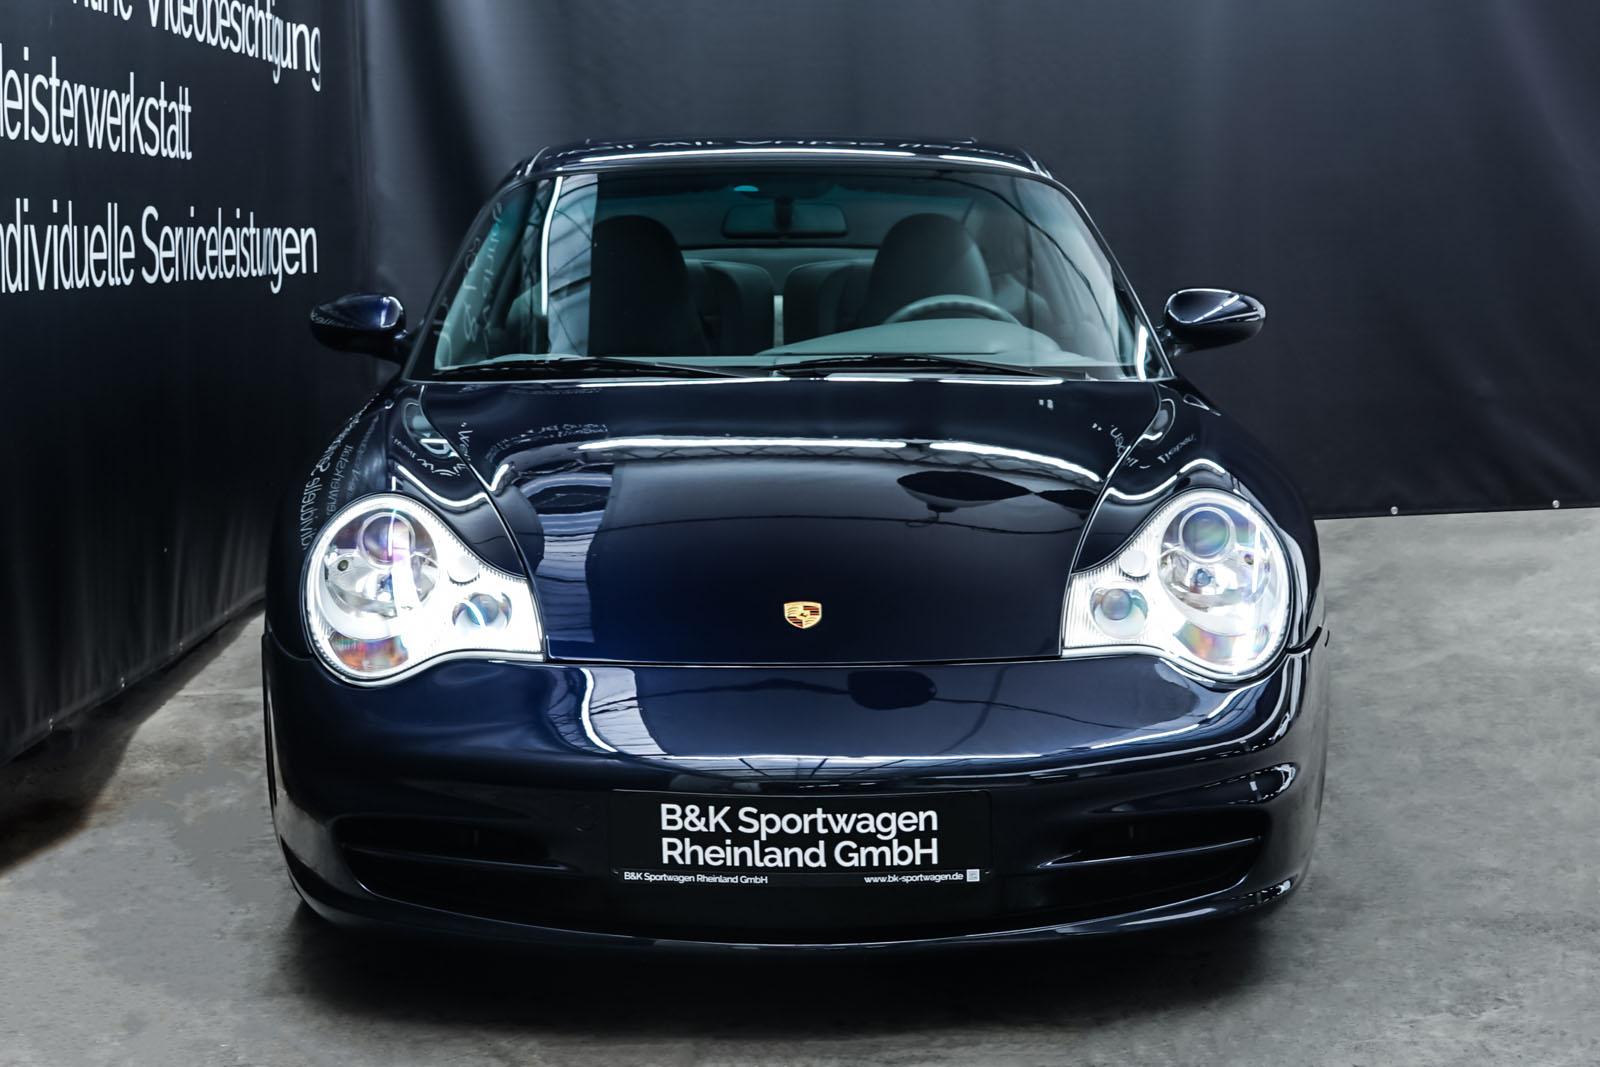 Porsche_996_Dunkelblau_Grau_POR-4337_1_w